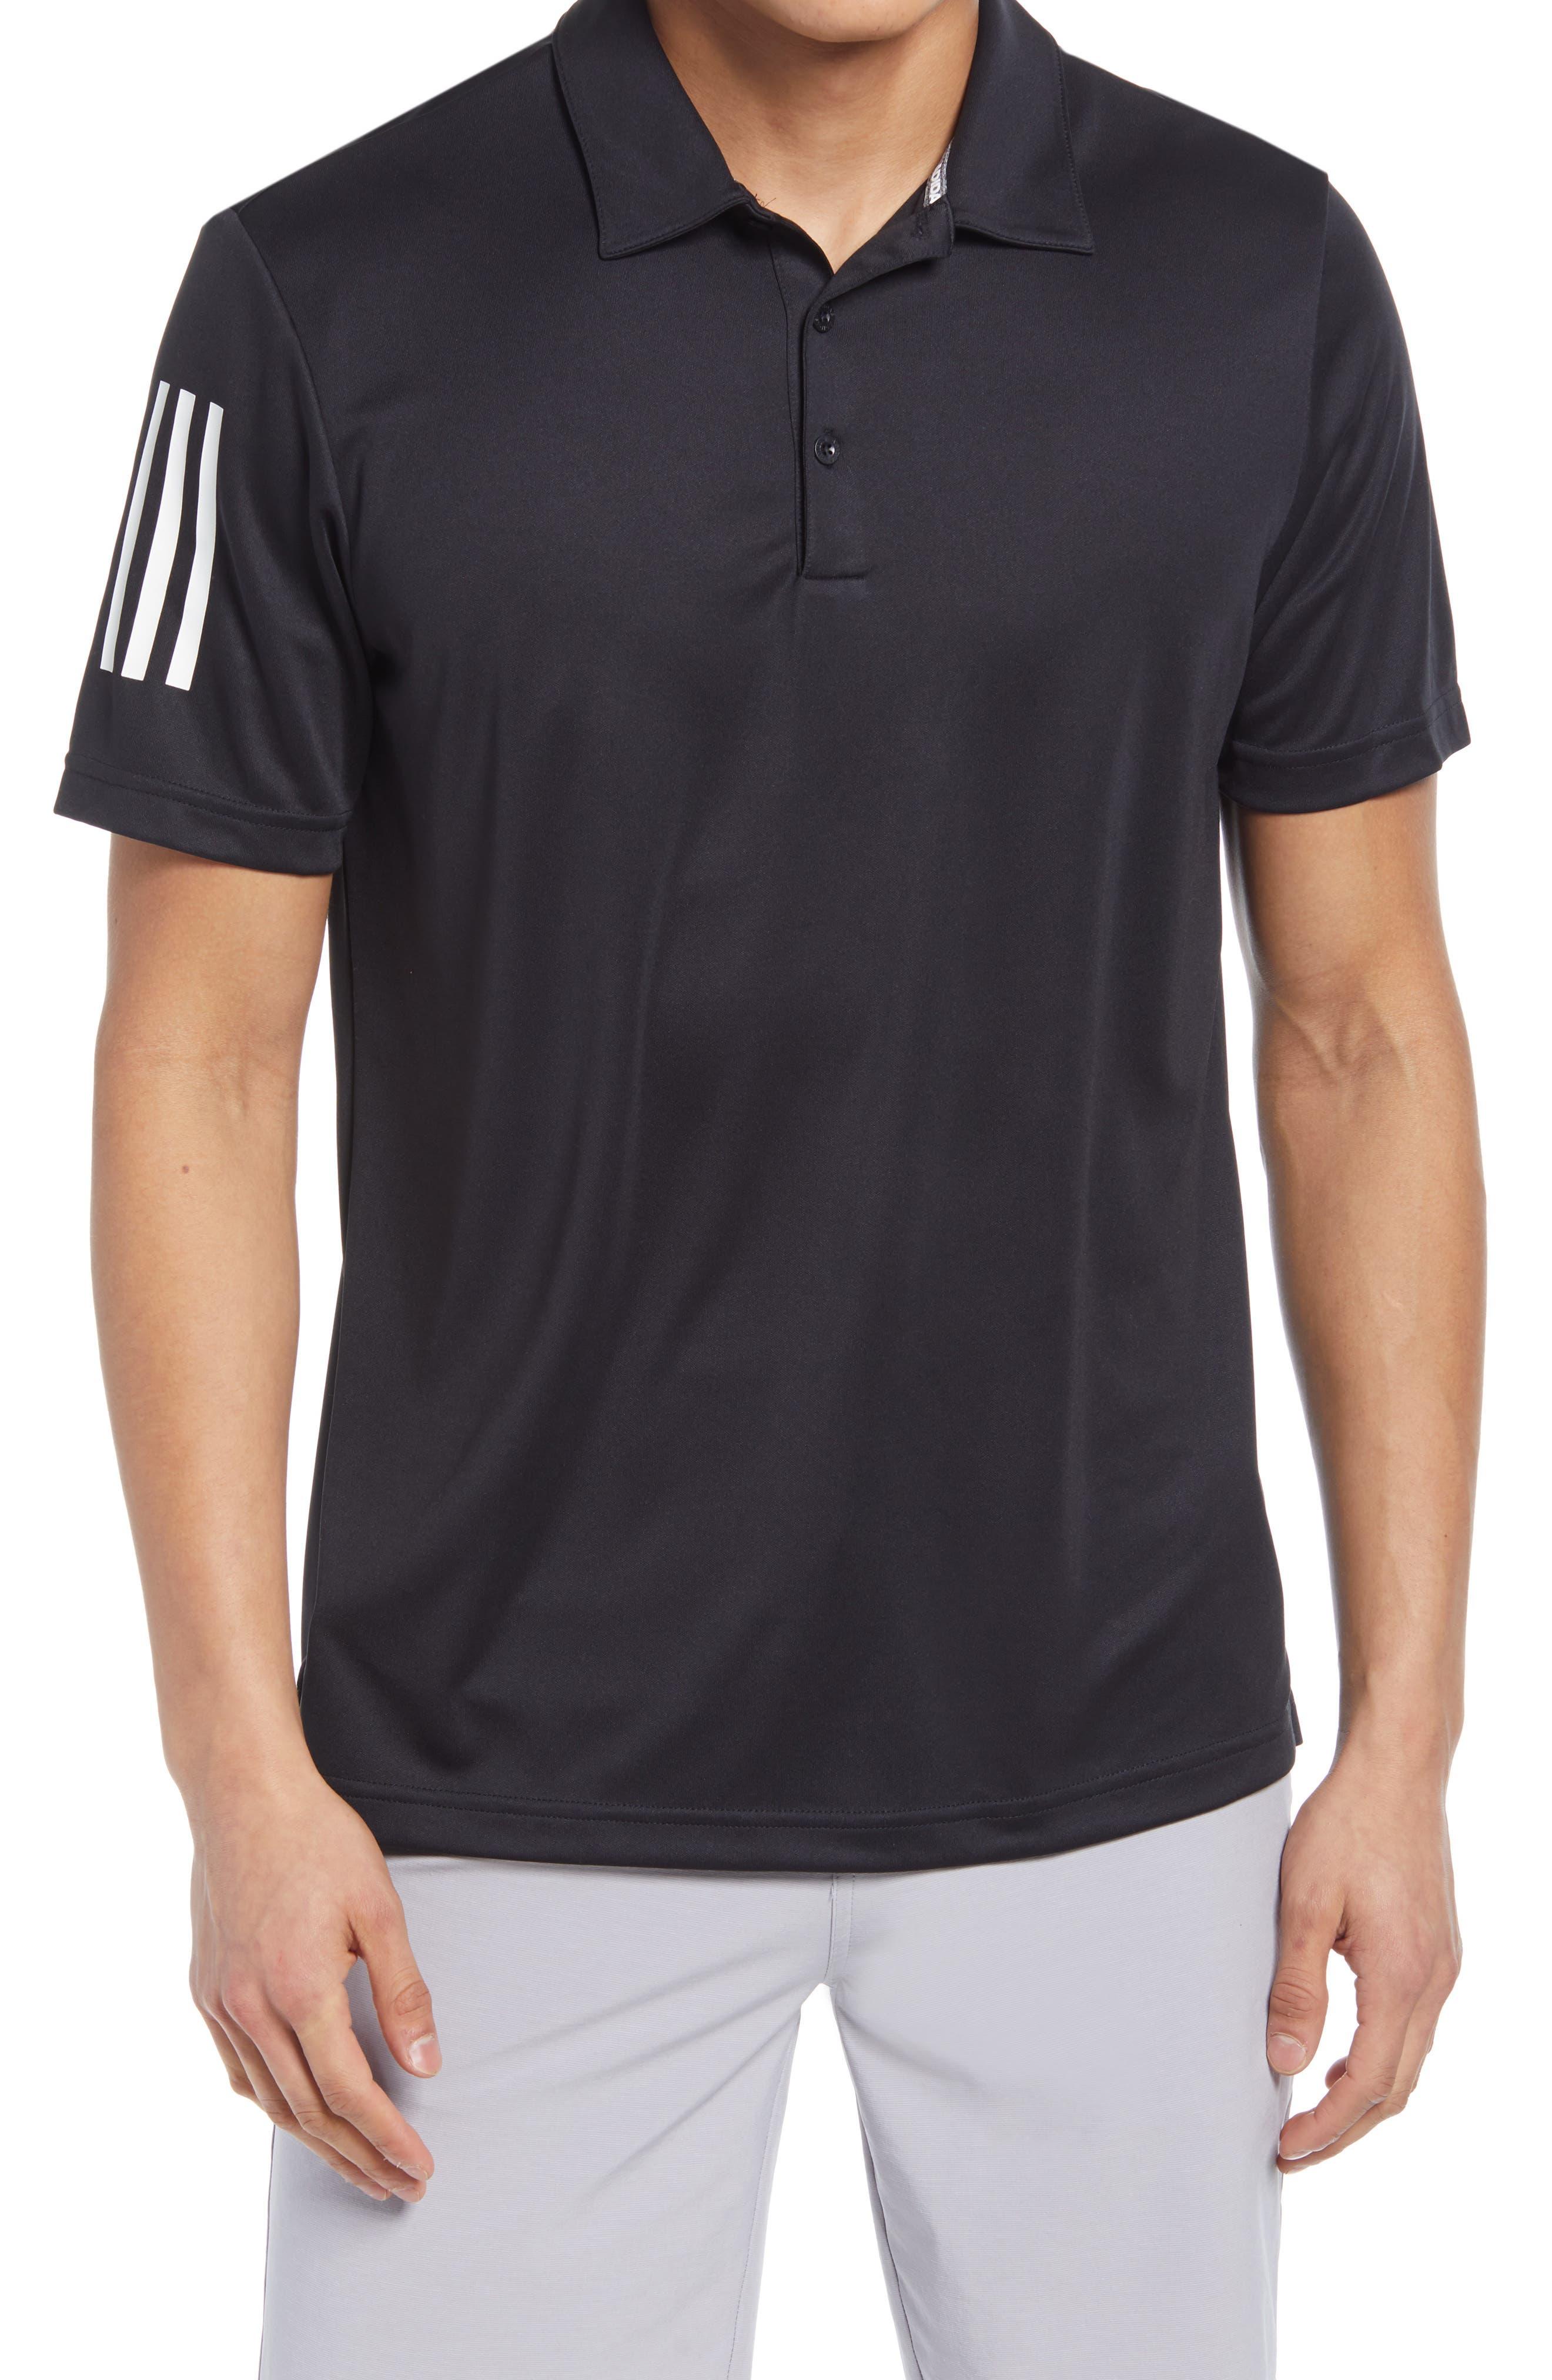 Men's 3-Stripes Polo